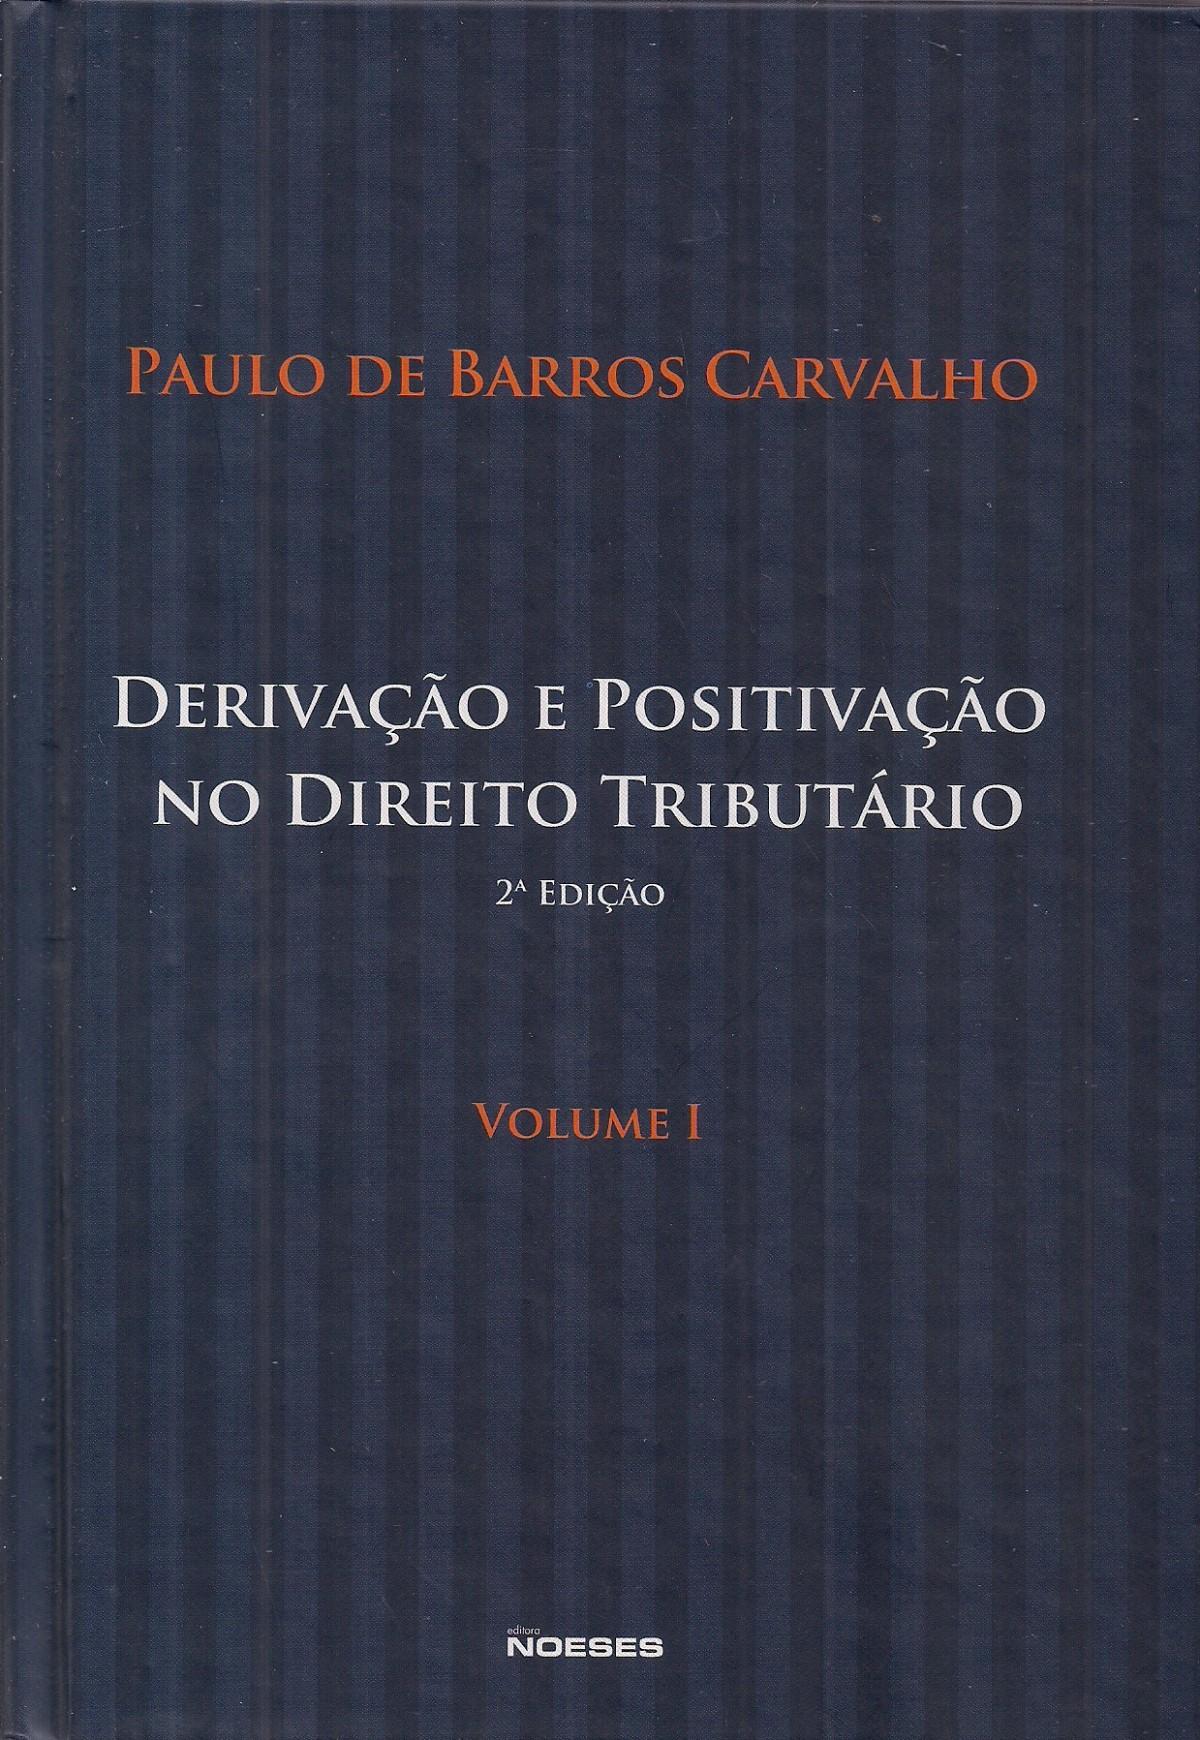 Foto 1 - Derivação e Positivação no Direito Tributário